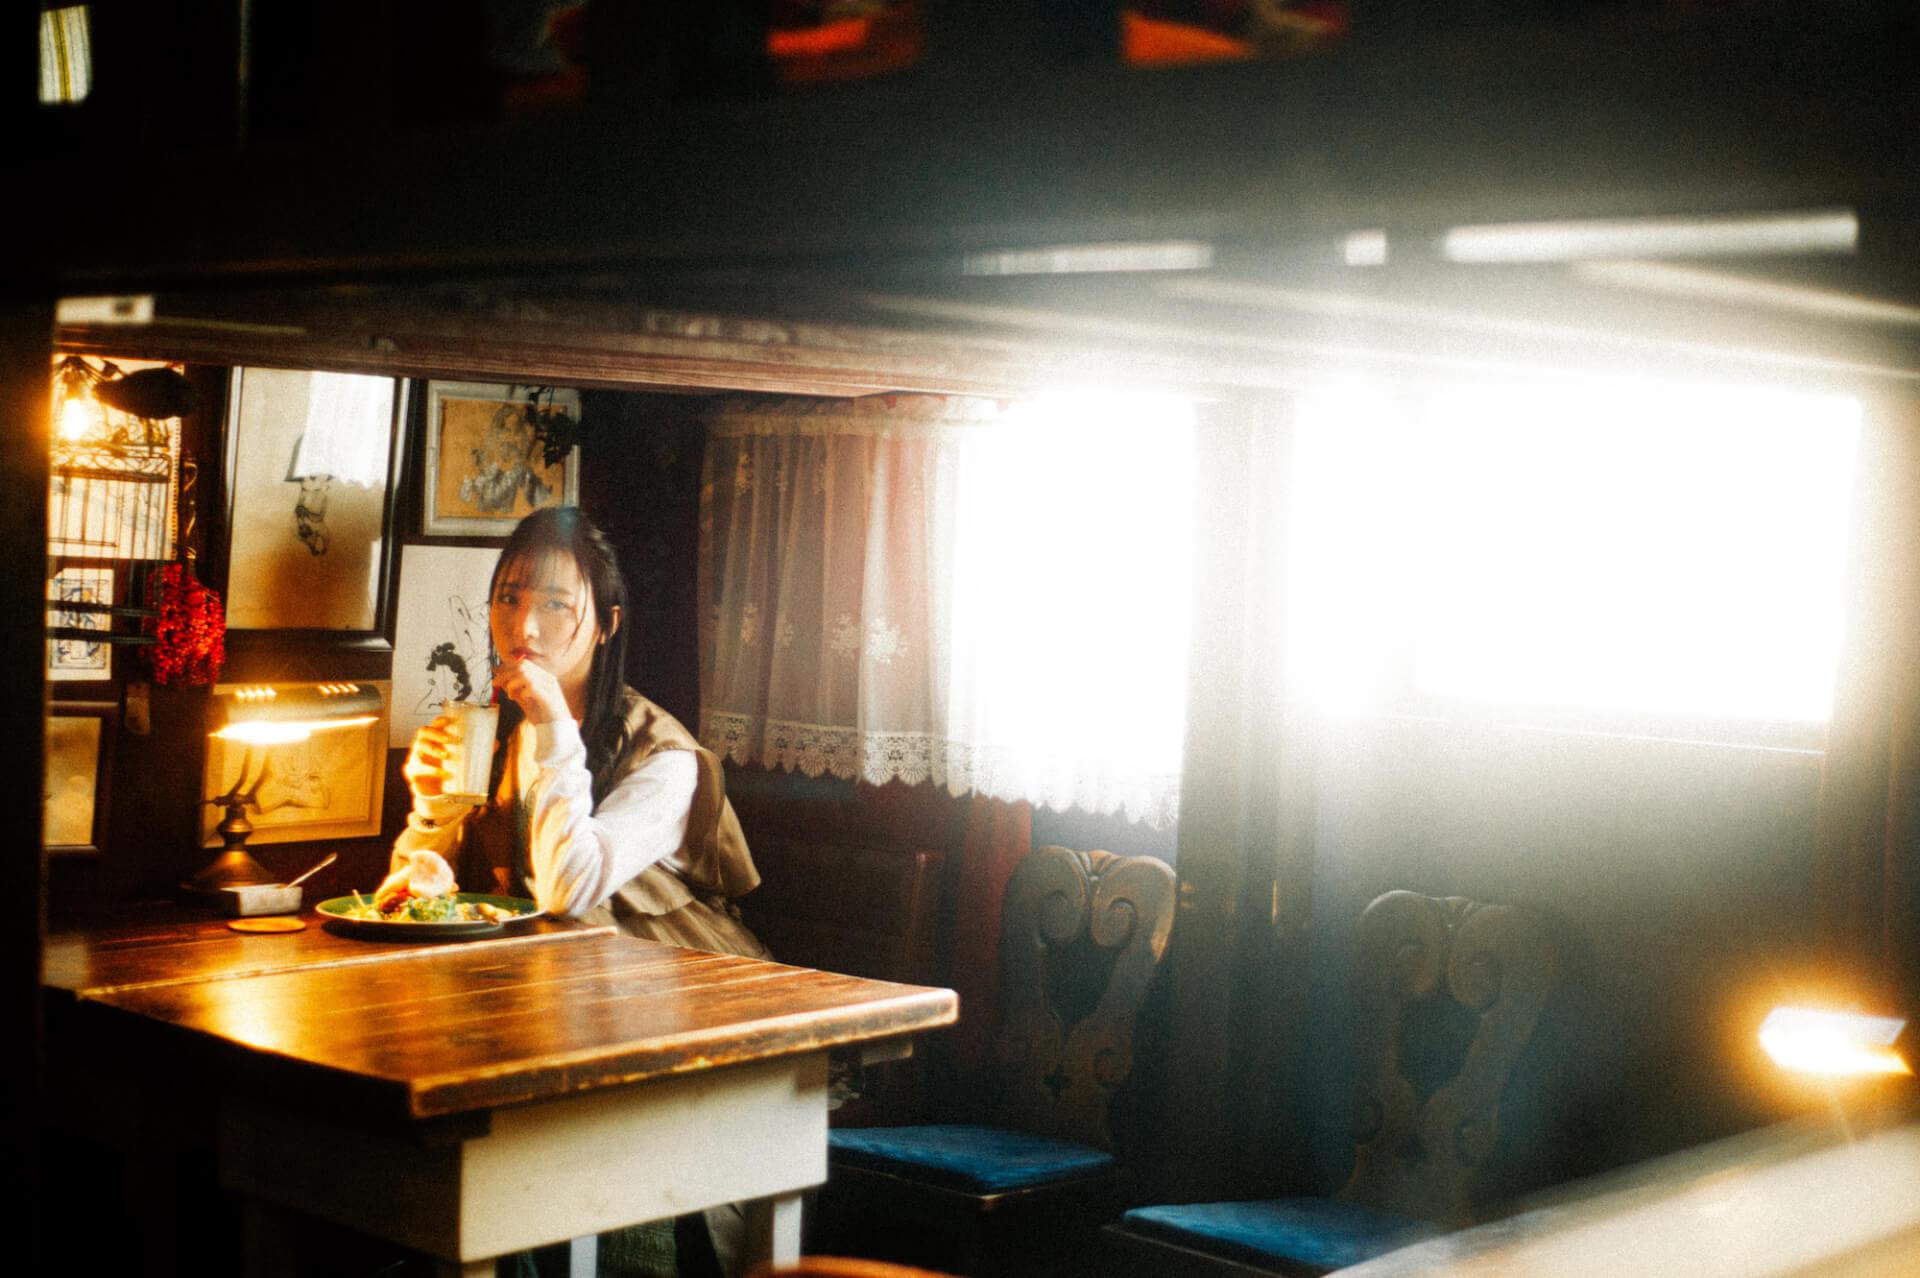 コウキシン女子の初体験 vol.19 石田千穂(STU48):広島のカルチャースポット column210222_chihoishida_48